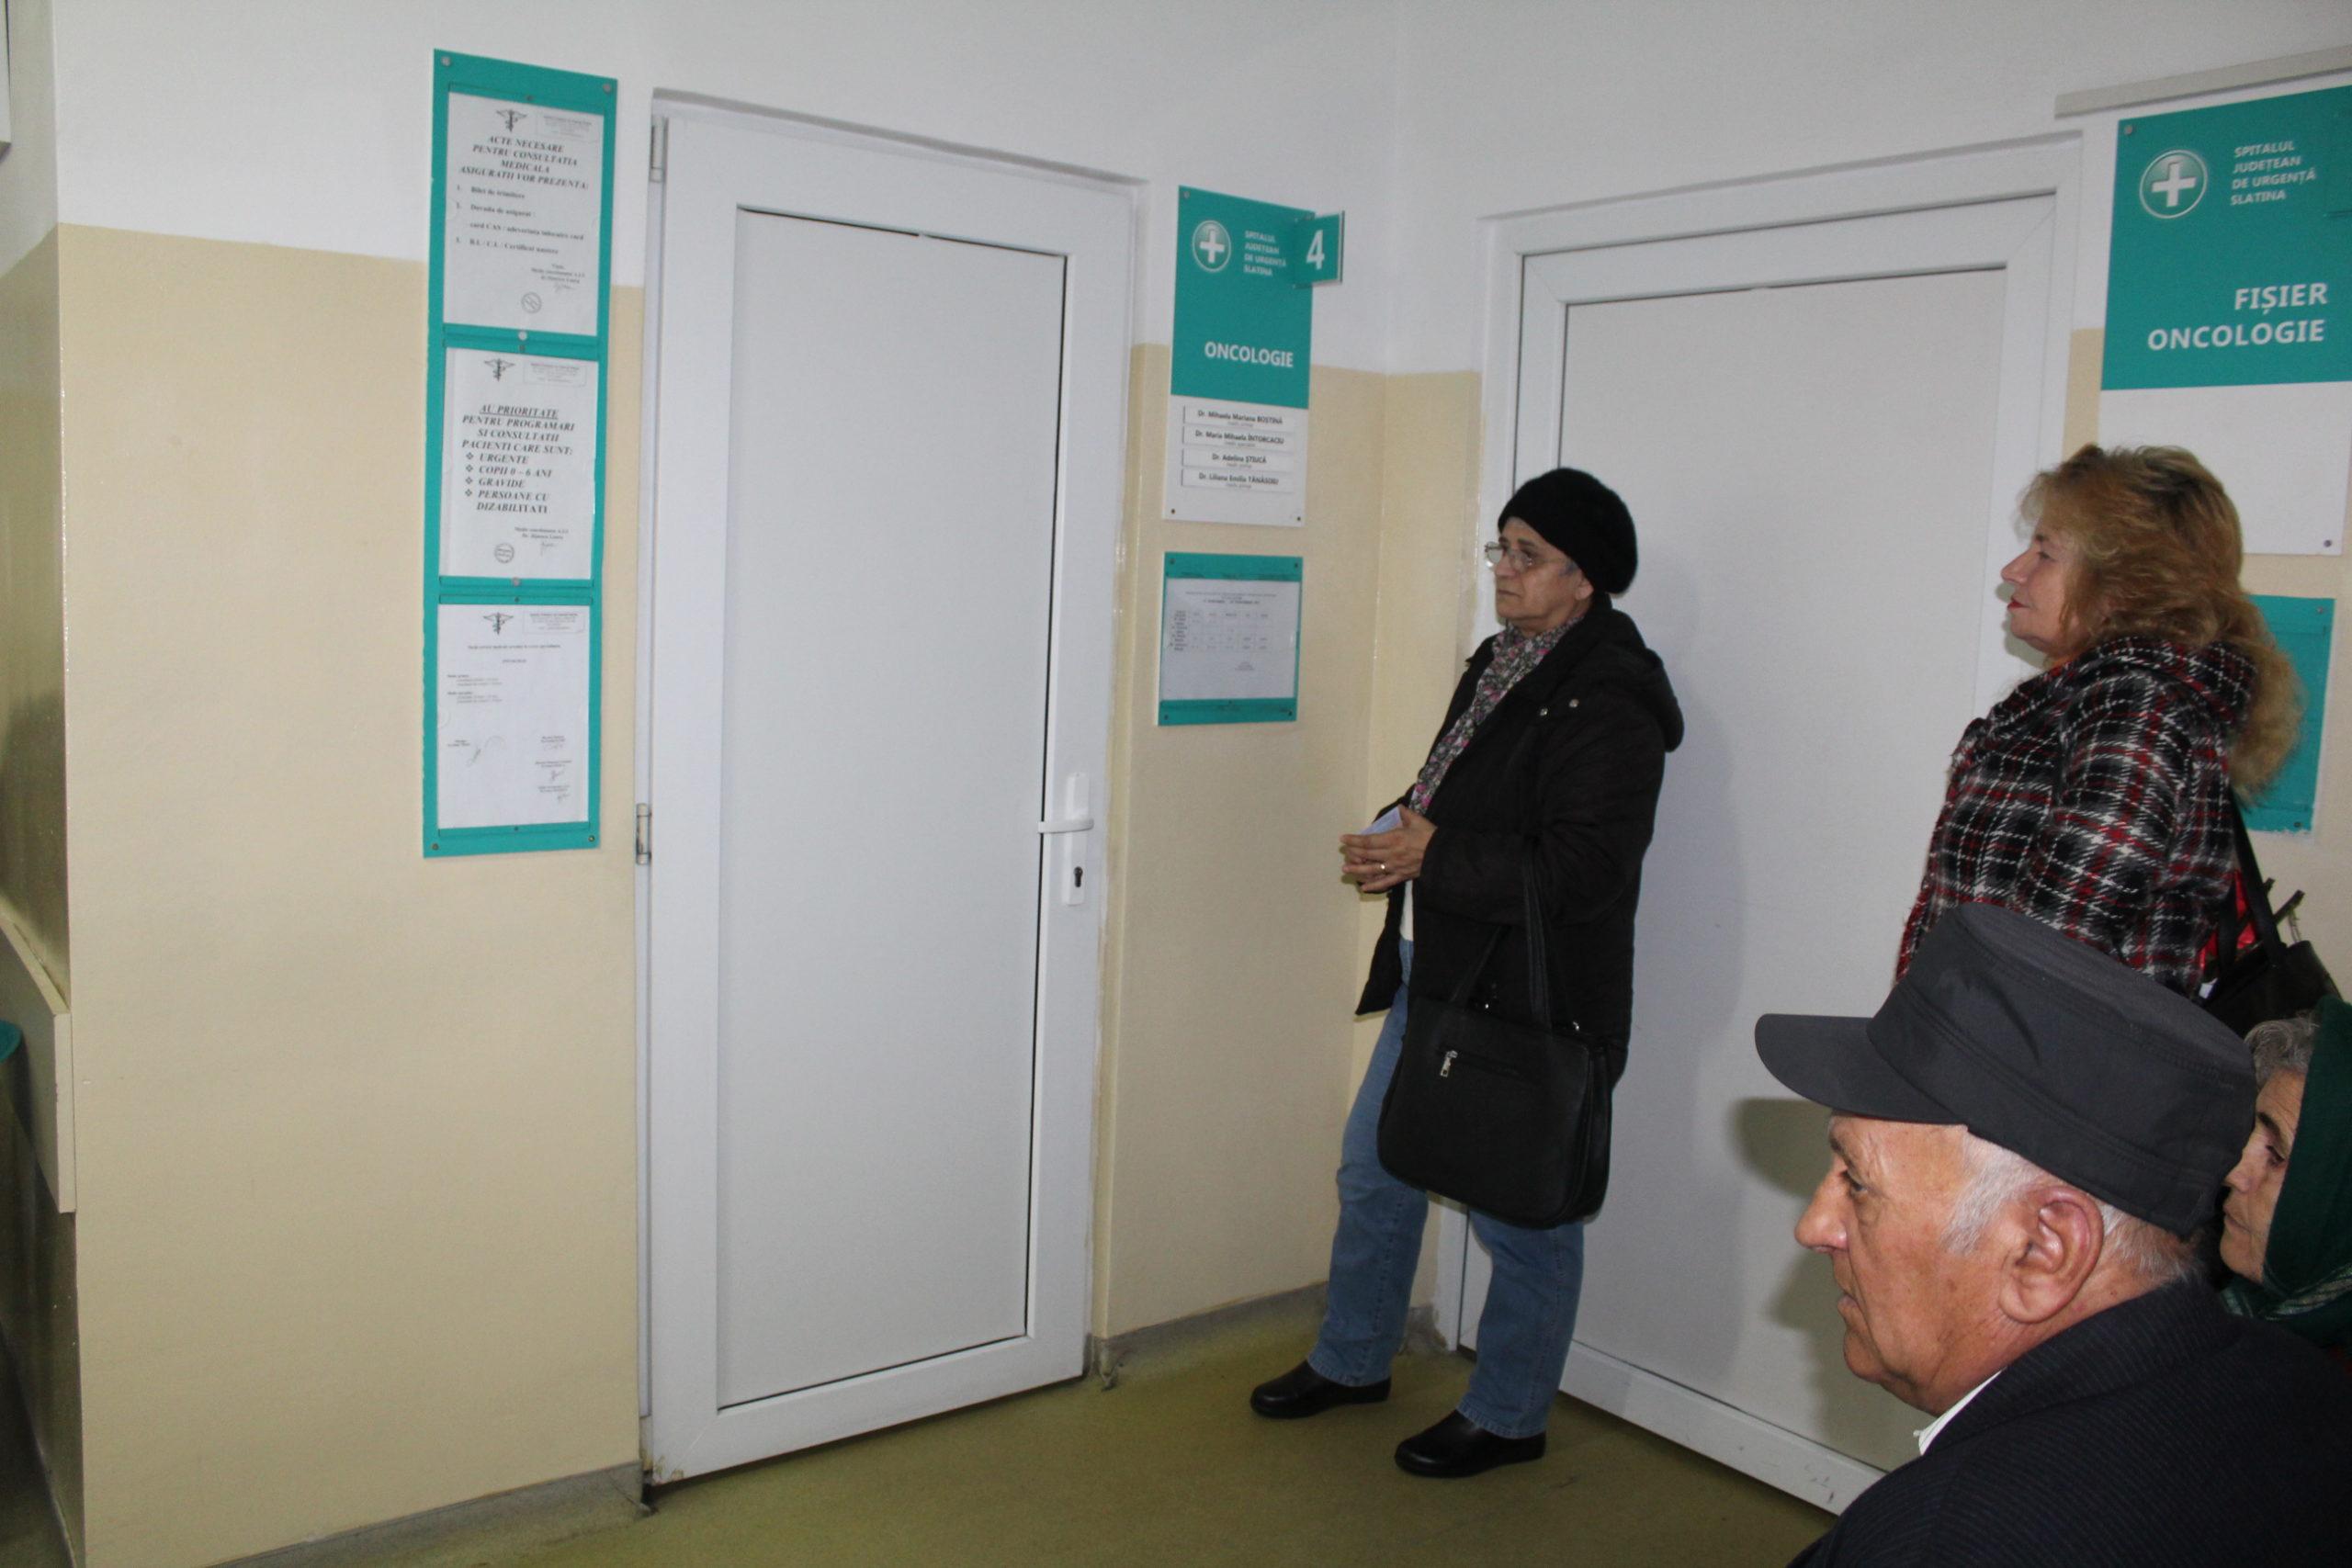 Pacienţii nu mai au nevoie de bilet de trimitere, până pe 30 septembrie, pentru consultaţiile din Ambulatoriu